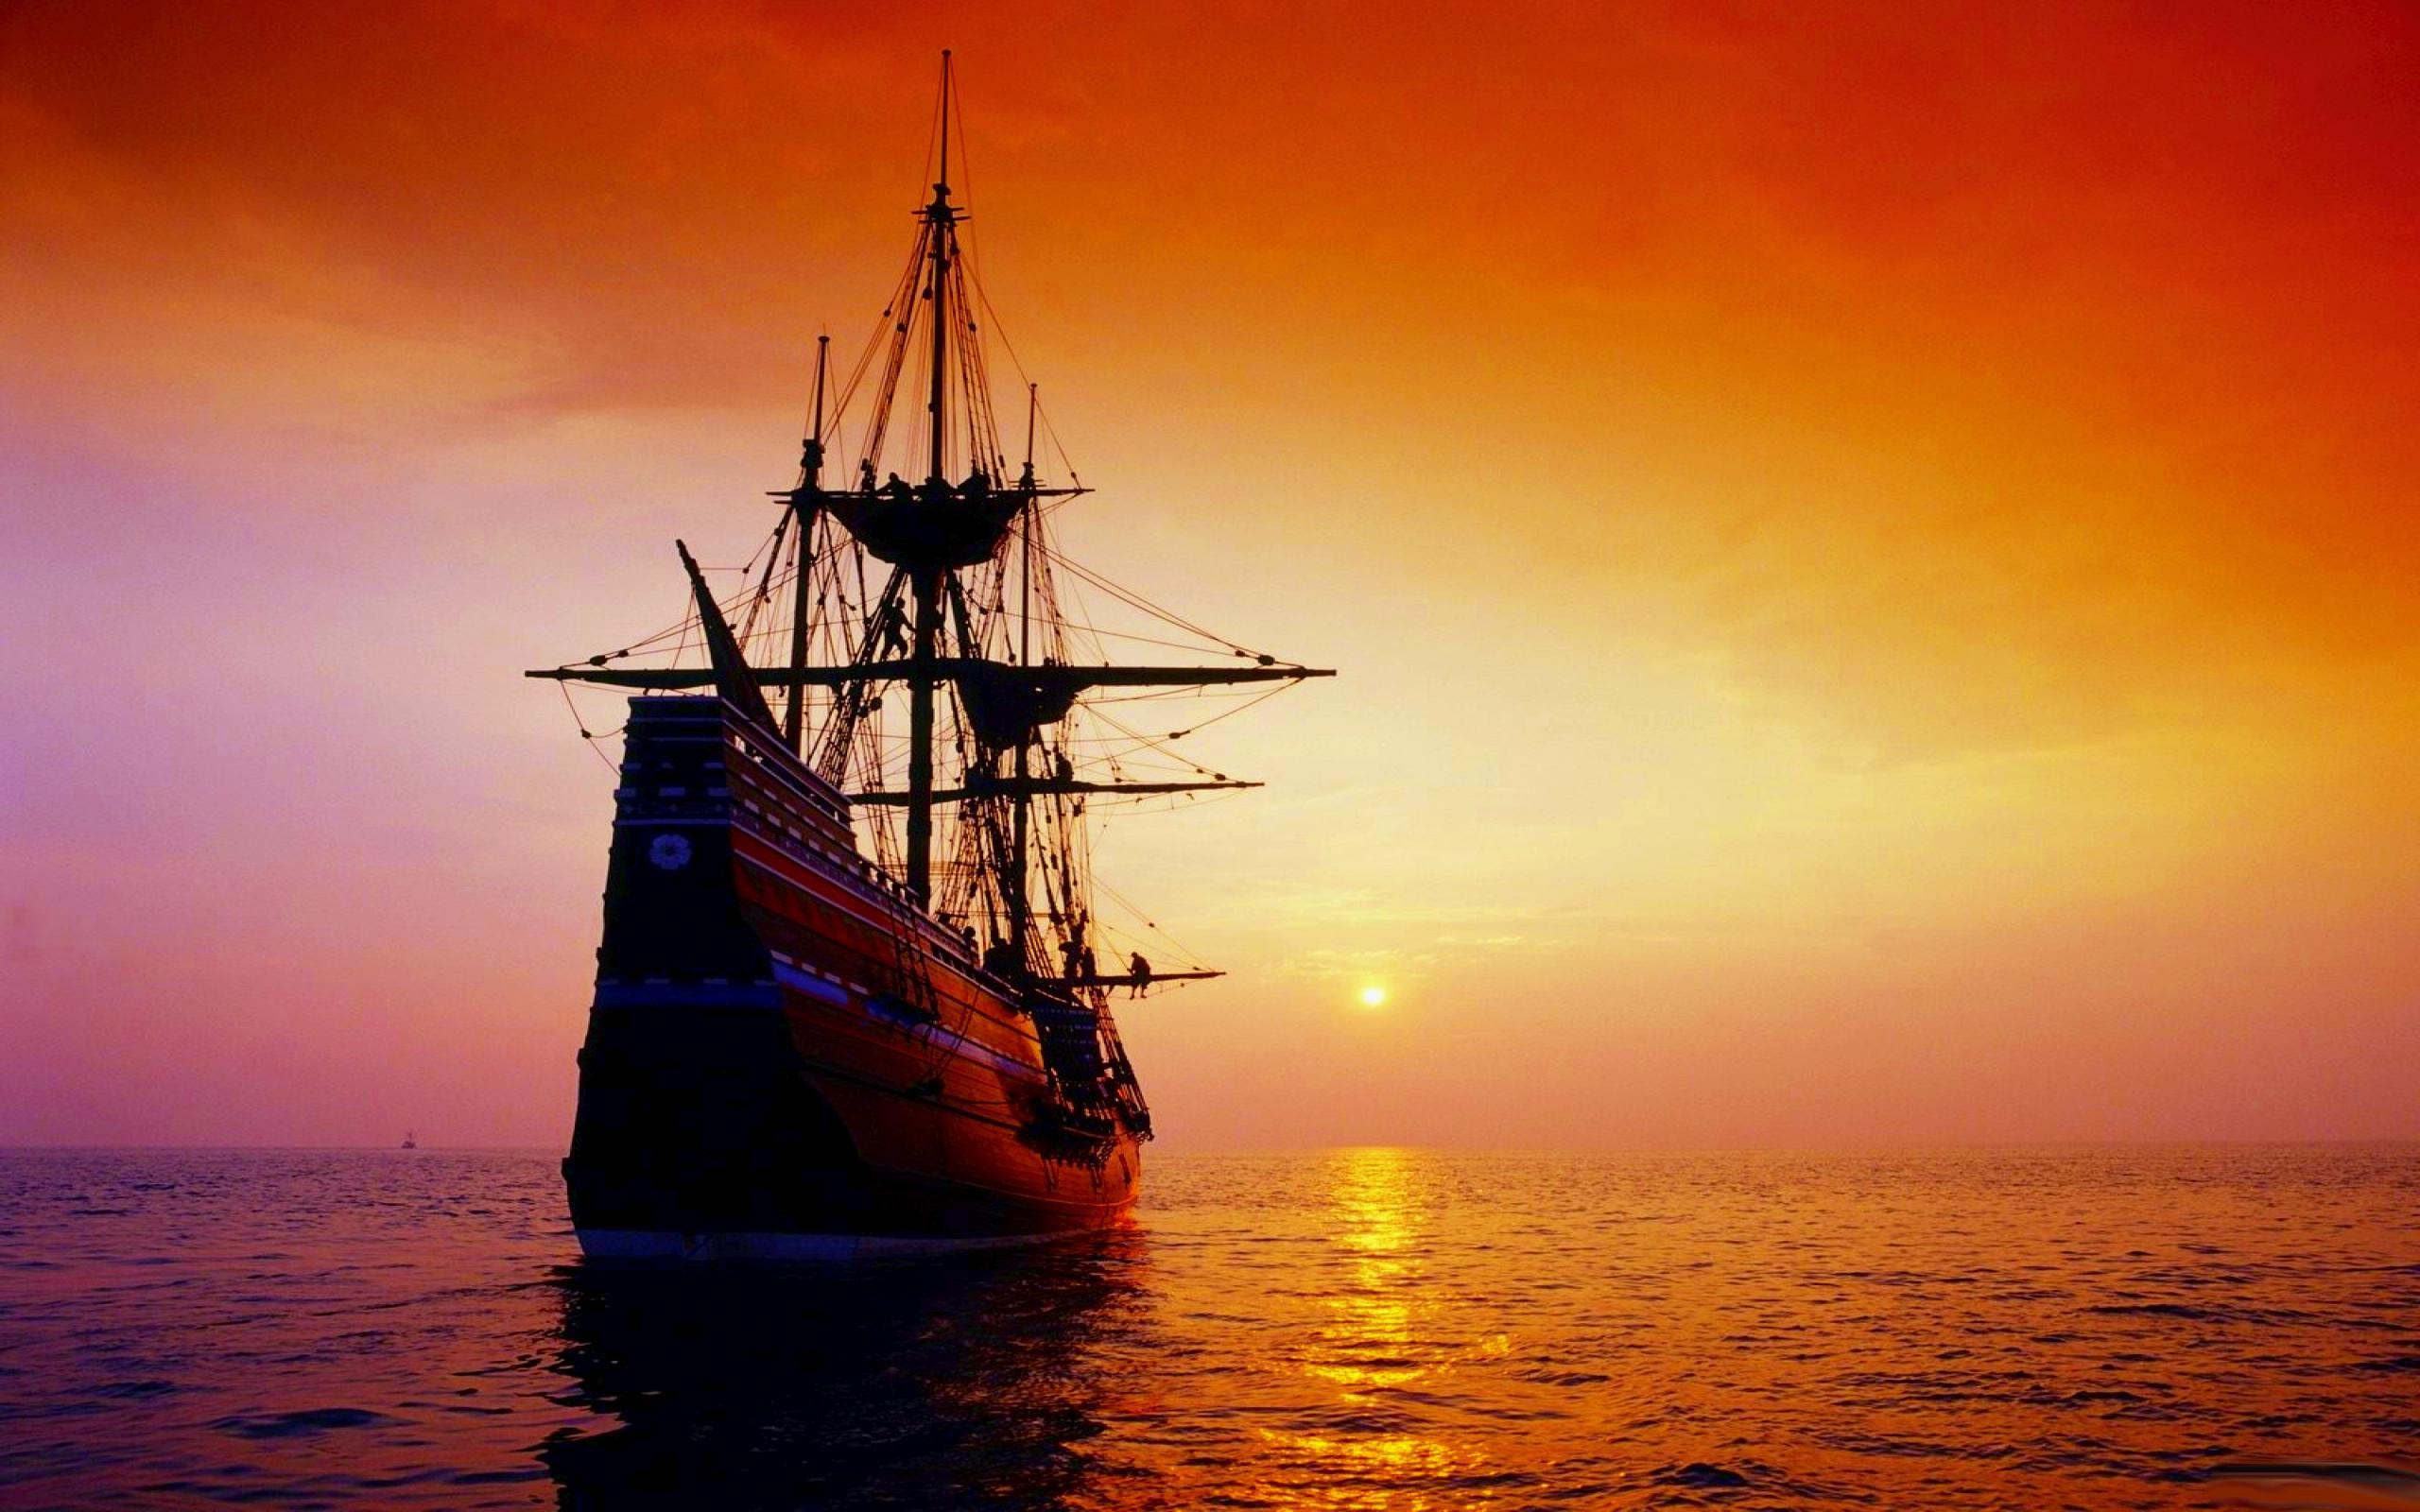 Sailing Wallpaper For Windows 10 Wallpapersafari